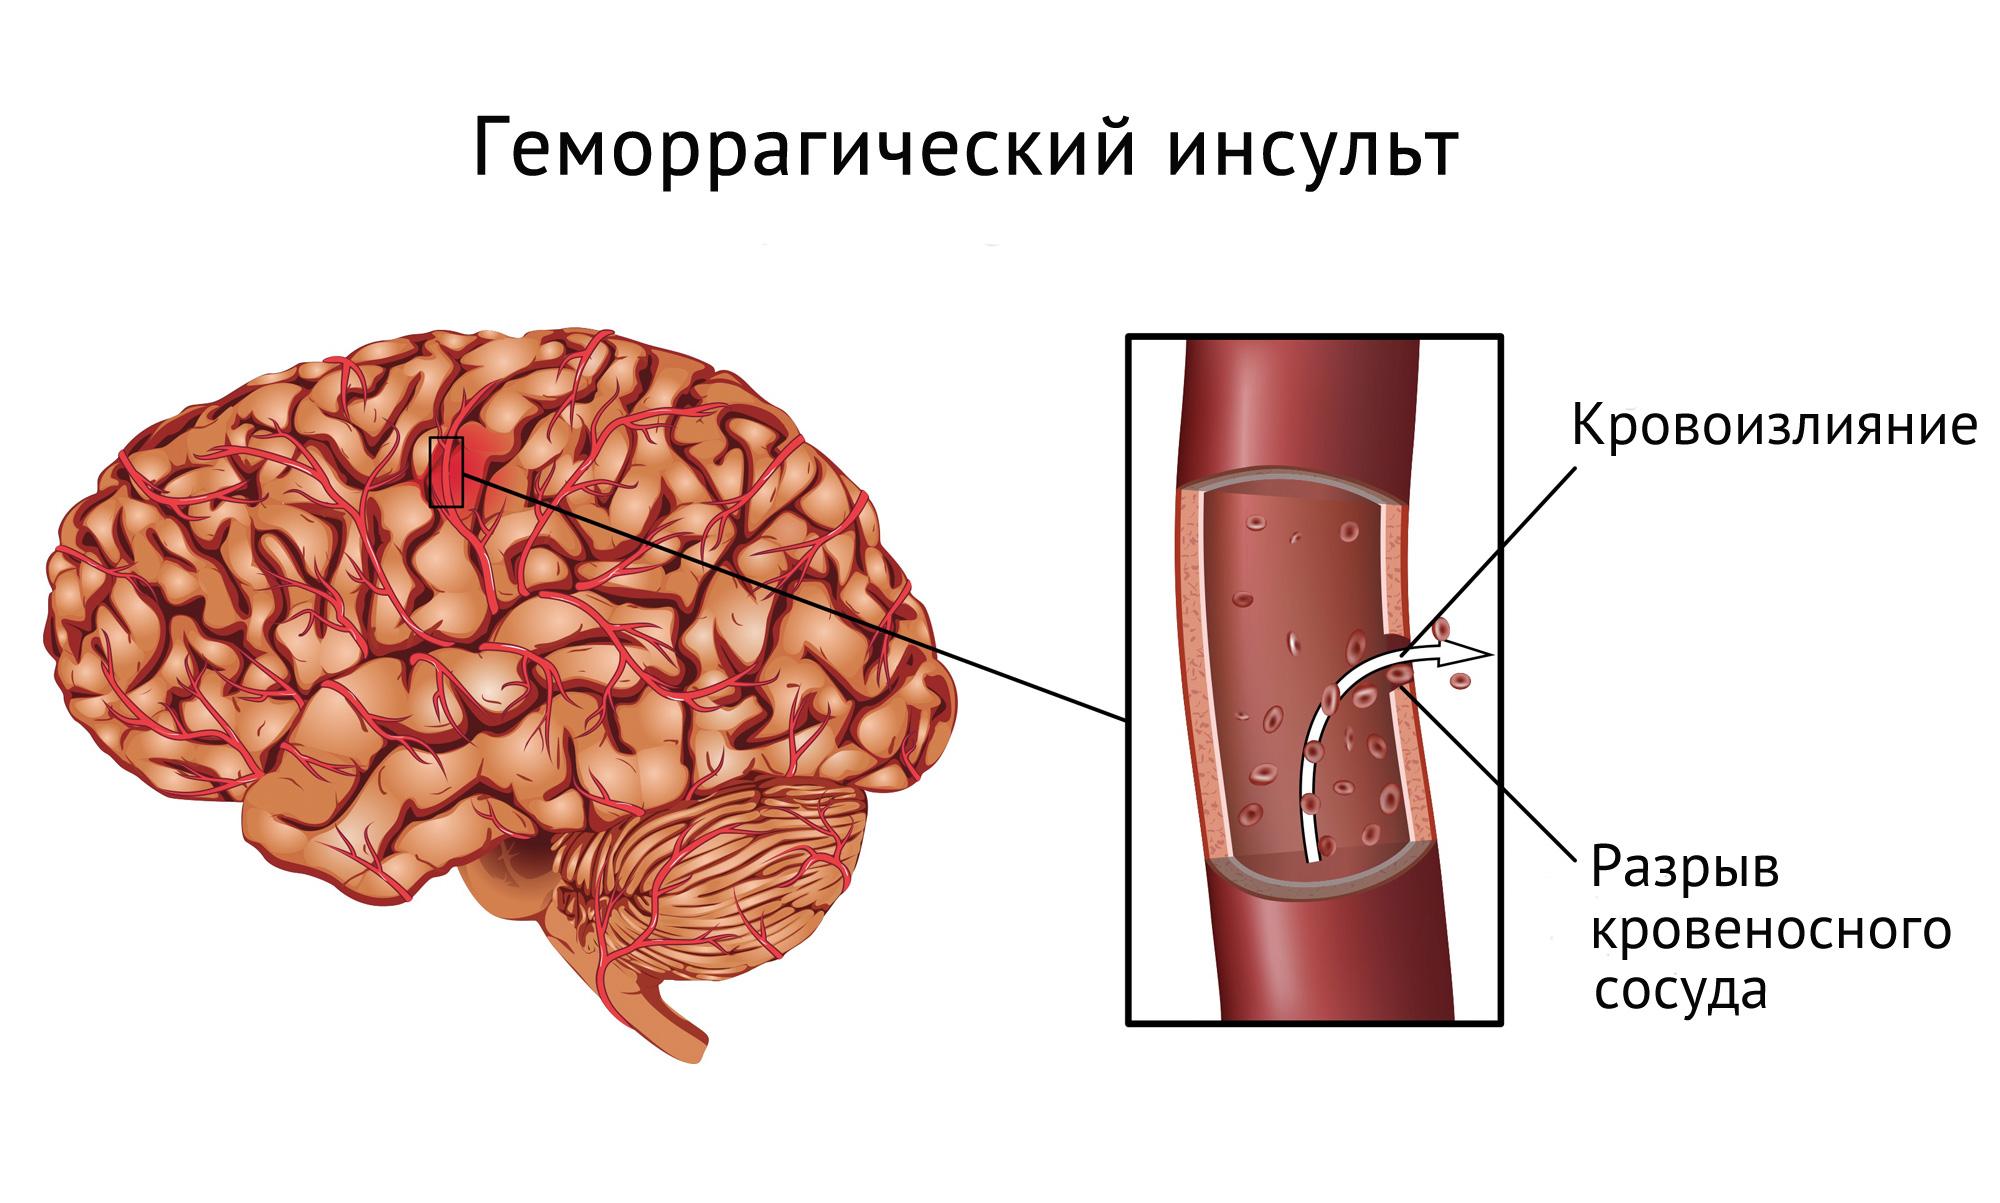 Кровоизлияние в мозг. Симптомы, причины и последствия заболевания